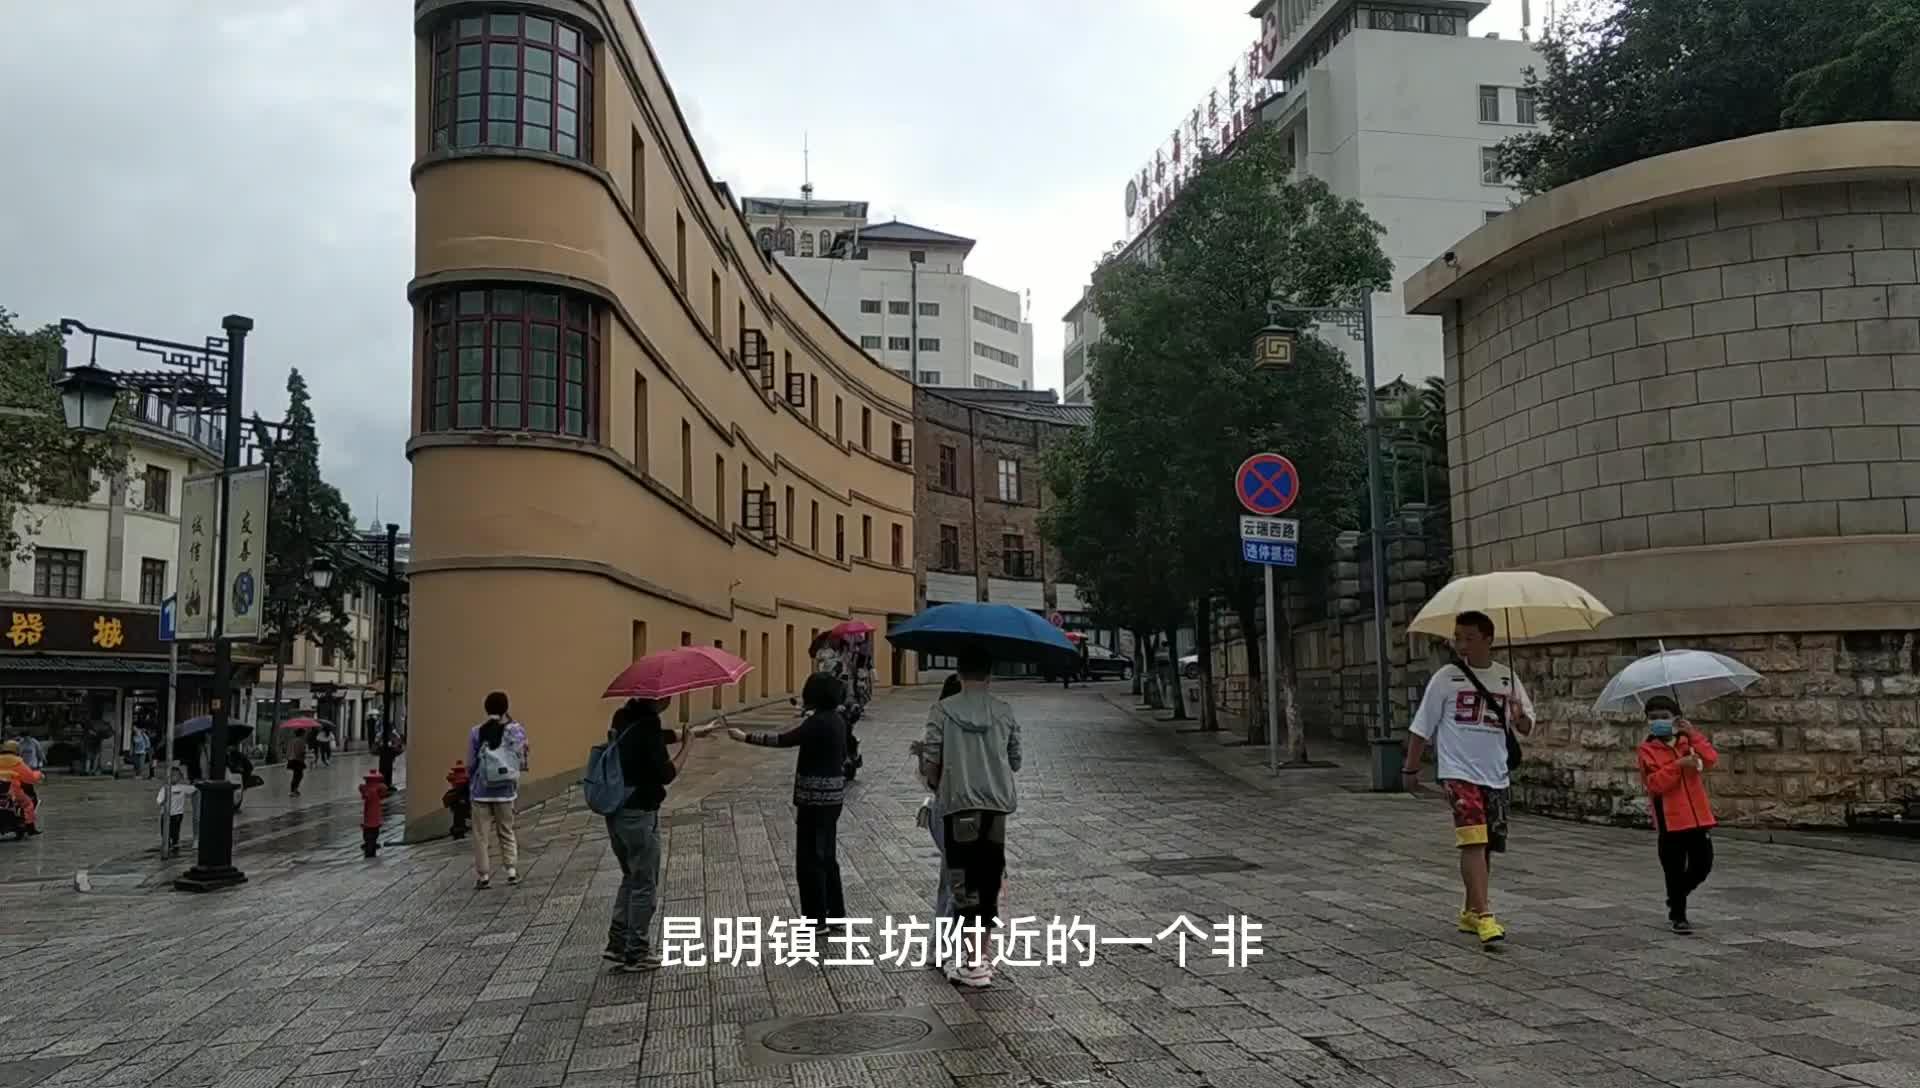 昆明古街道,下雨天网红照样来打卡,只为拍照发朋友圈!